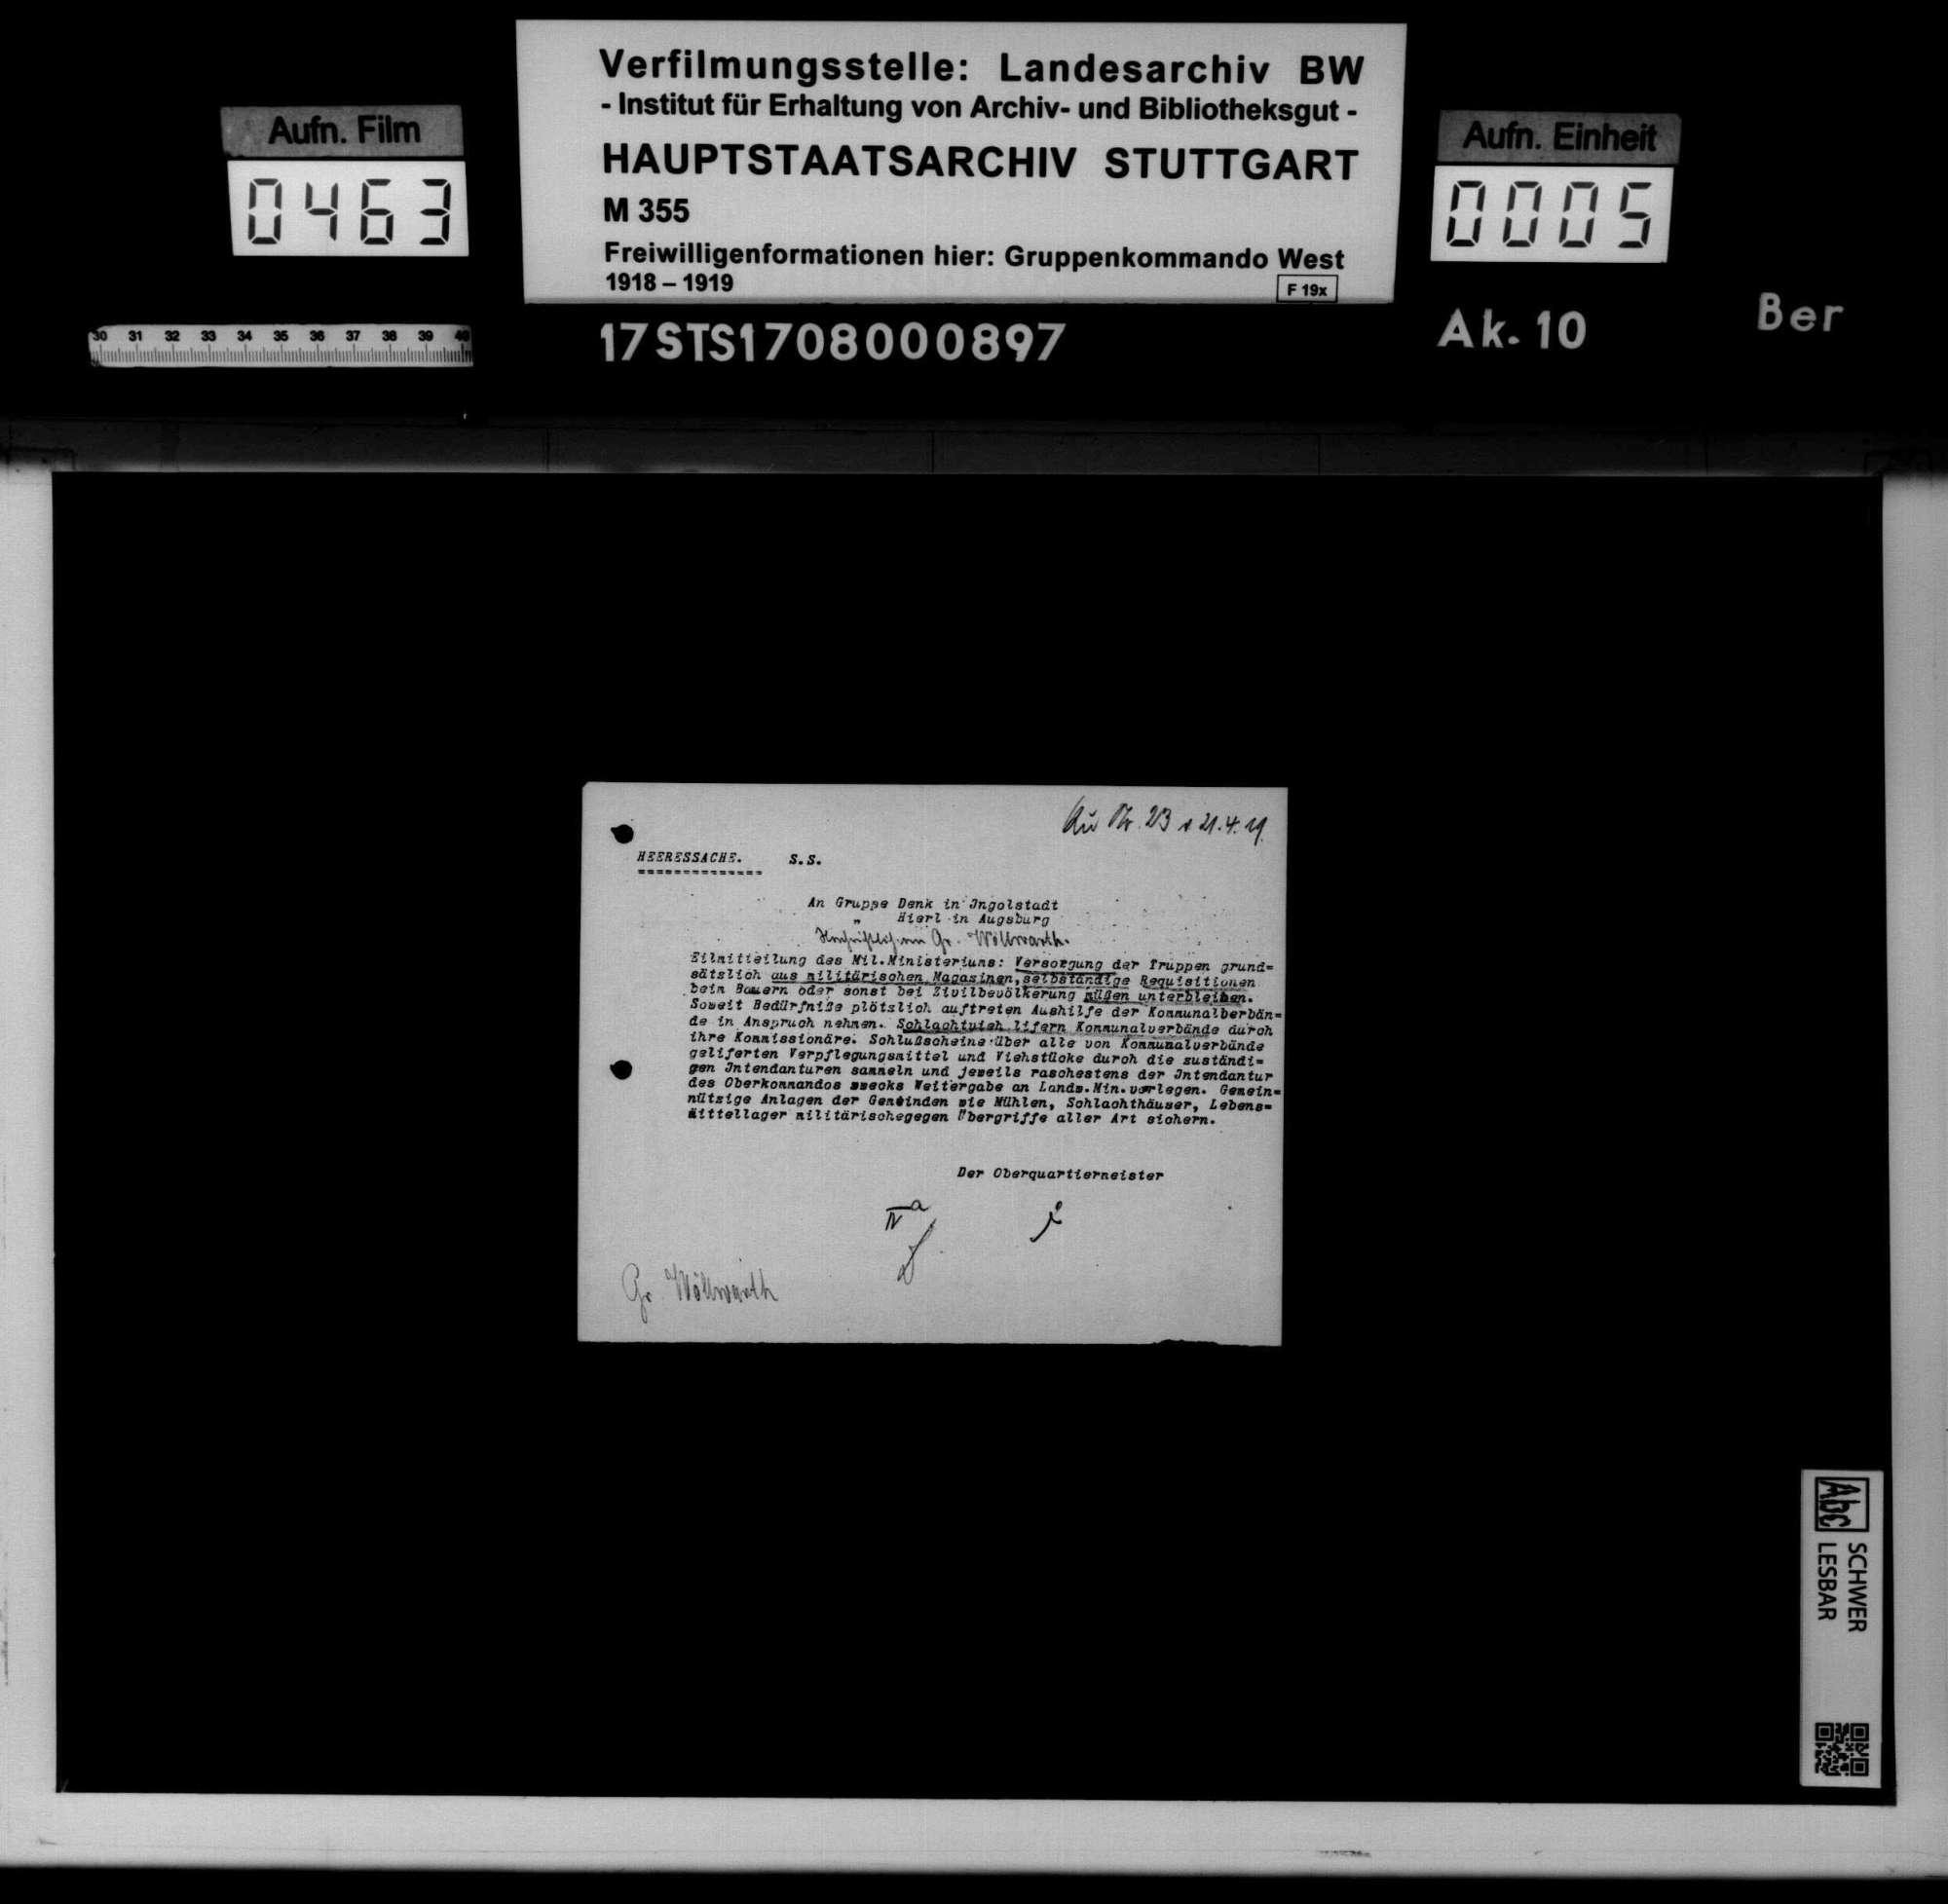 Befehle und Anordnungen des Württembergischen Kriegsministeriums, Generalkommandos XIII und der Bayerischen Behörden, Bild 3